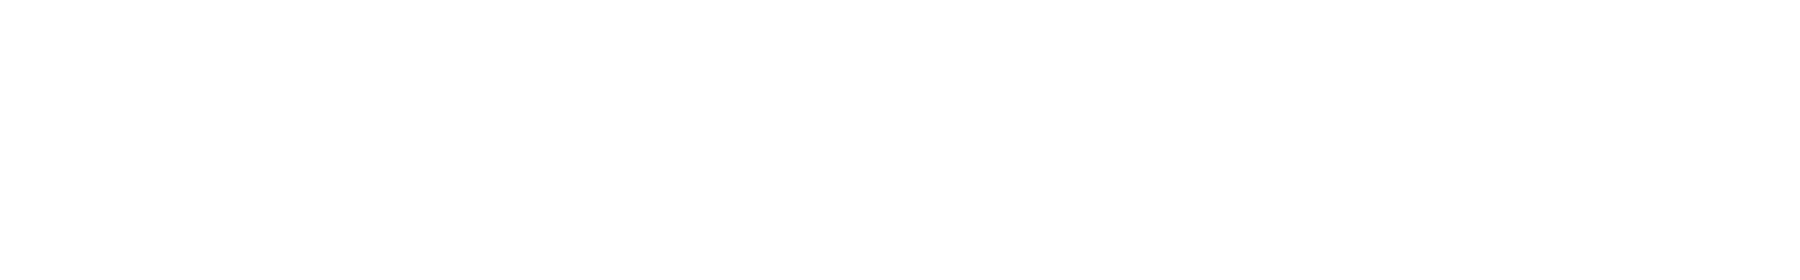 vedh melodyloop 071 am g em f am c em f  120bpm